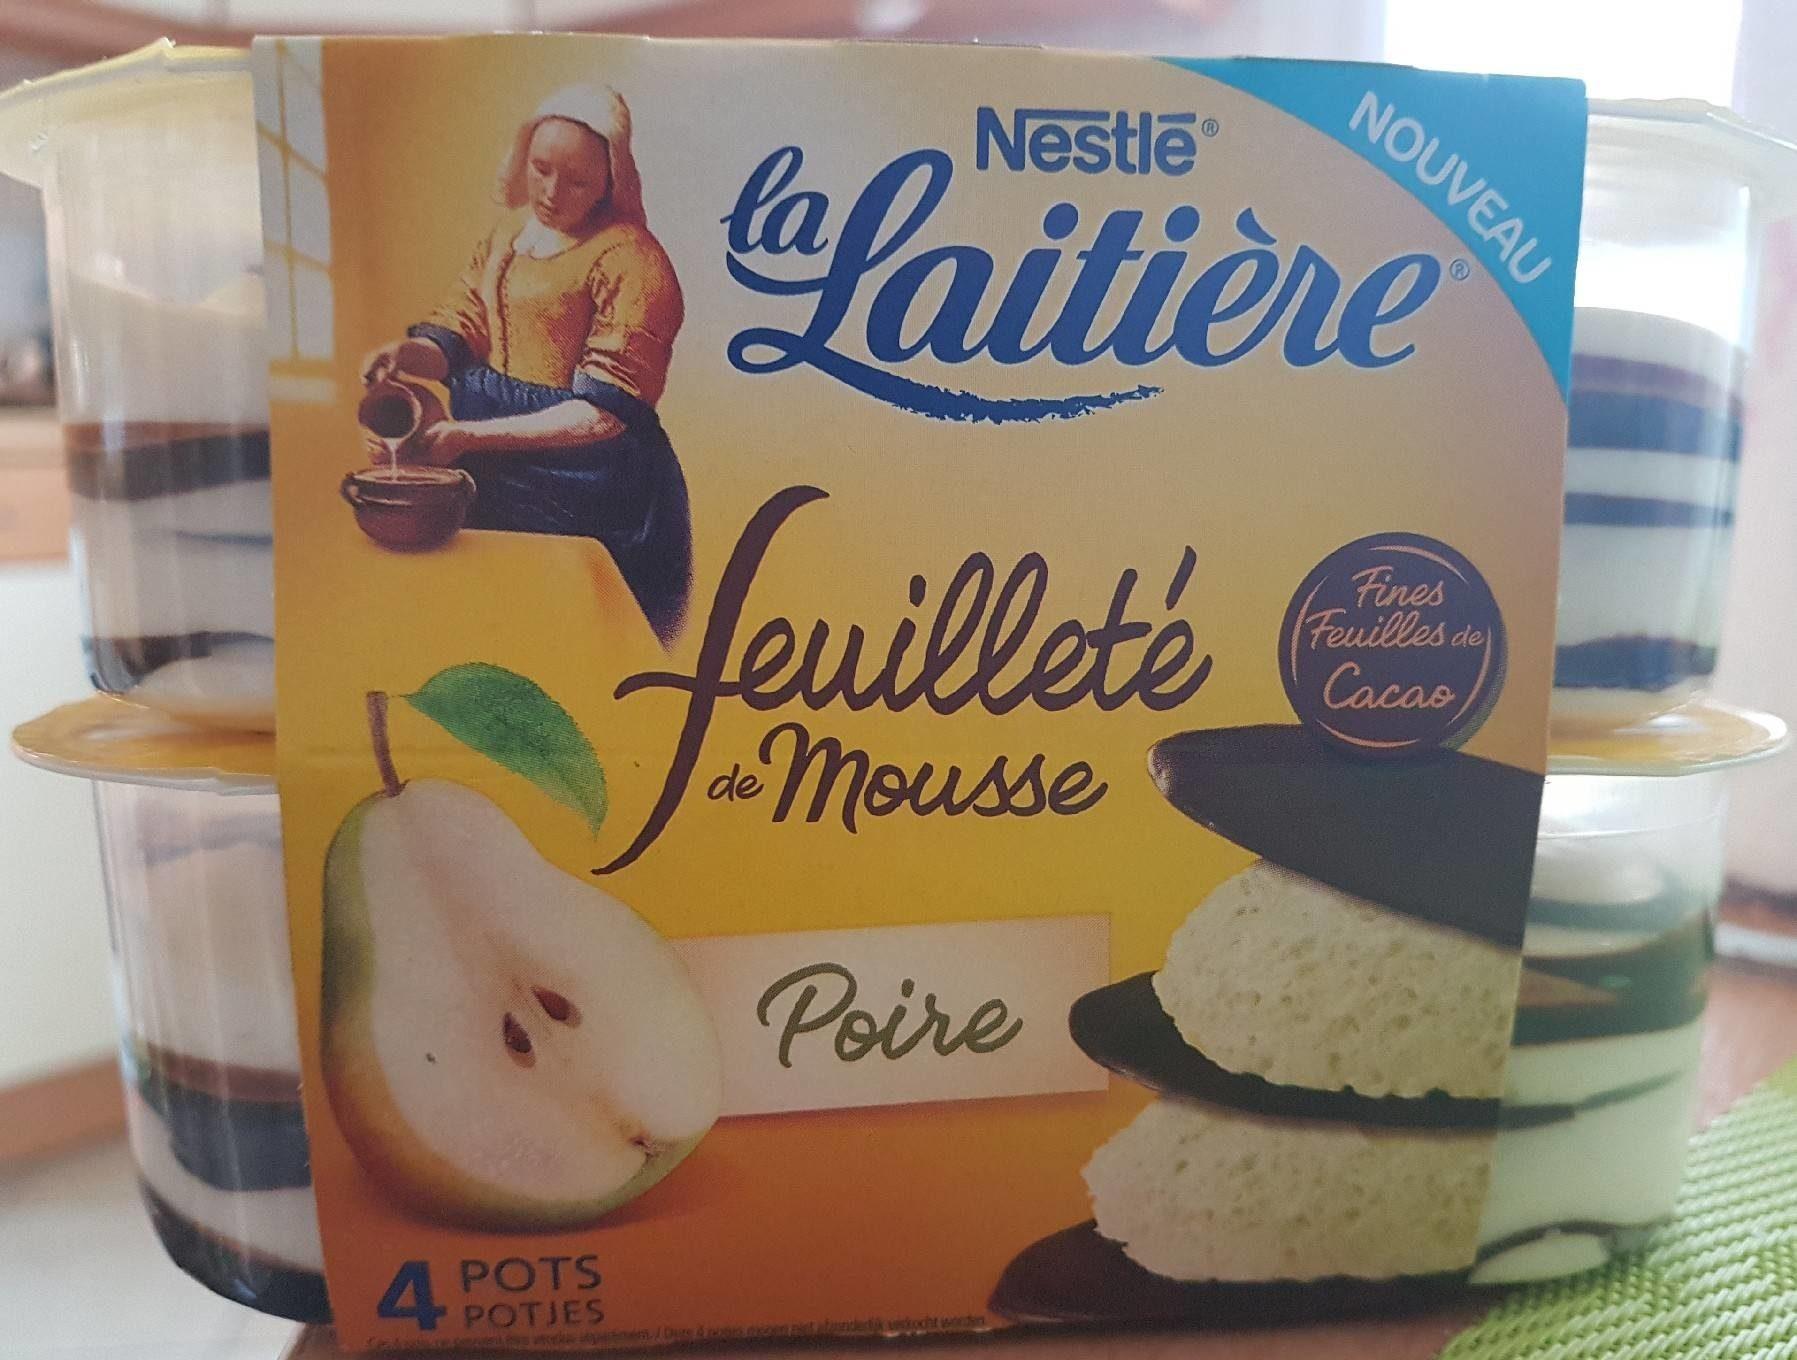 Feuilleté de Mousse Poire - Product